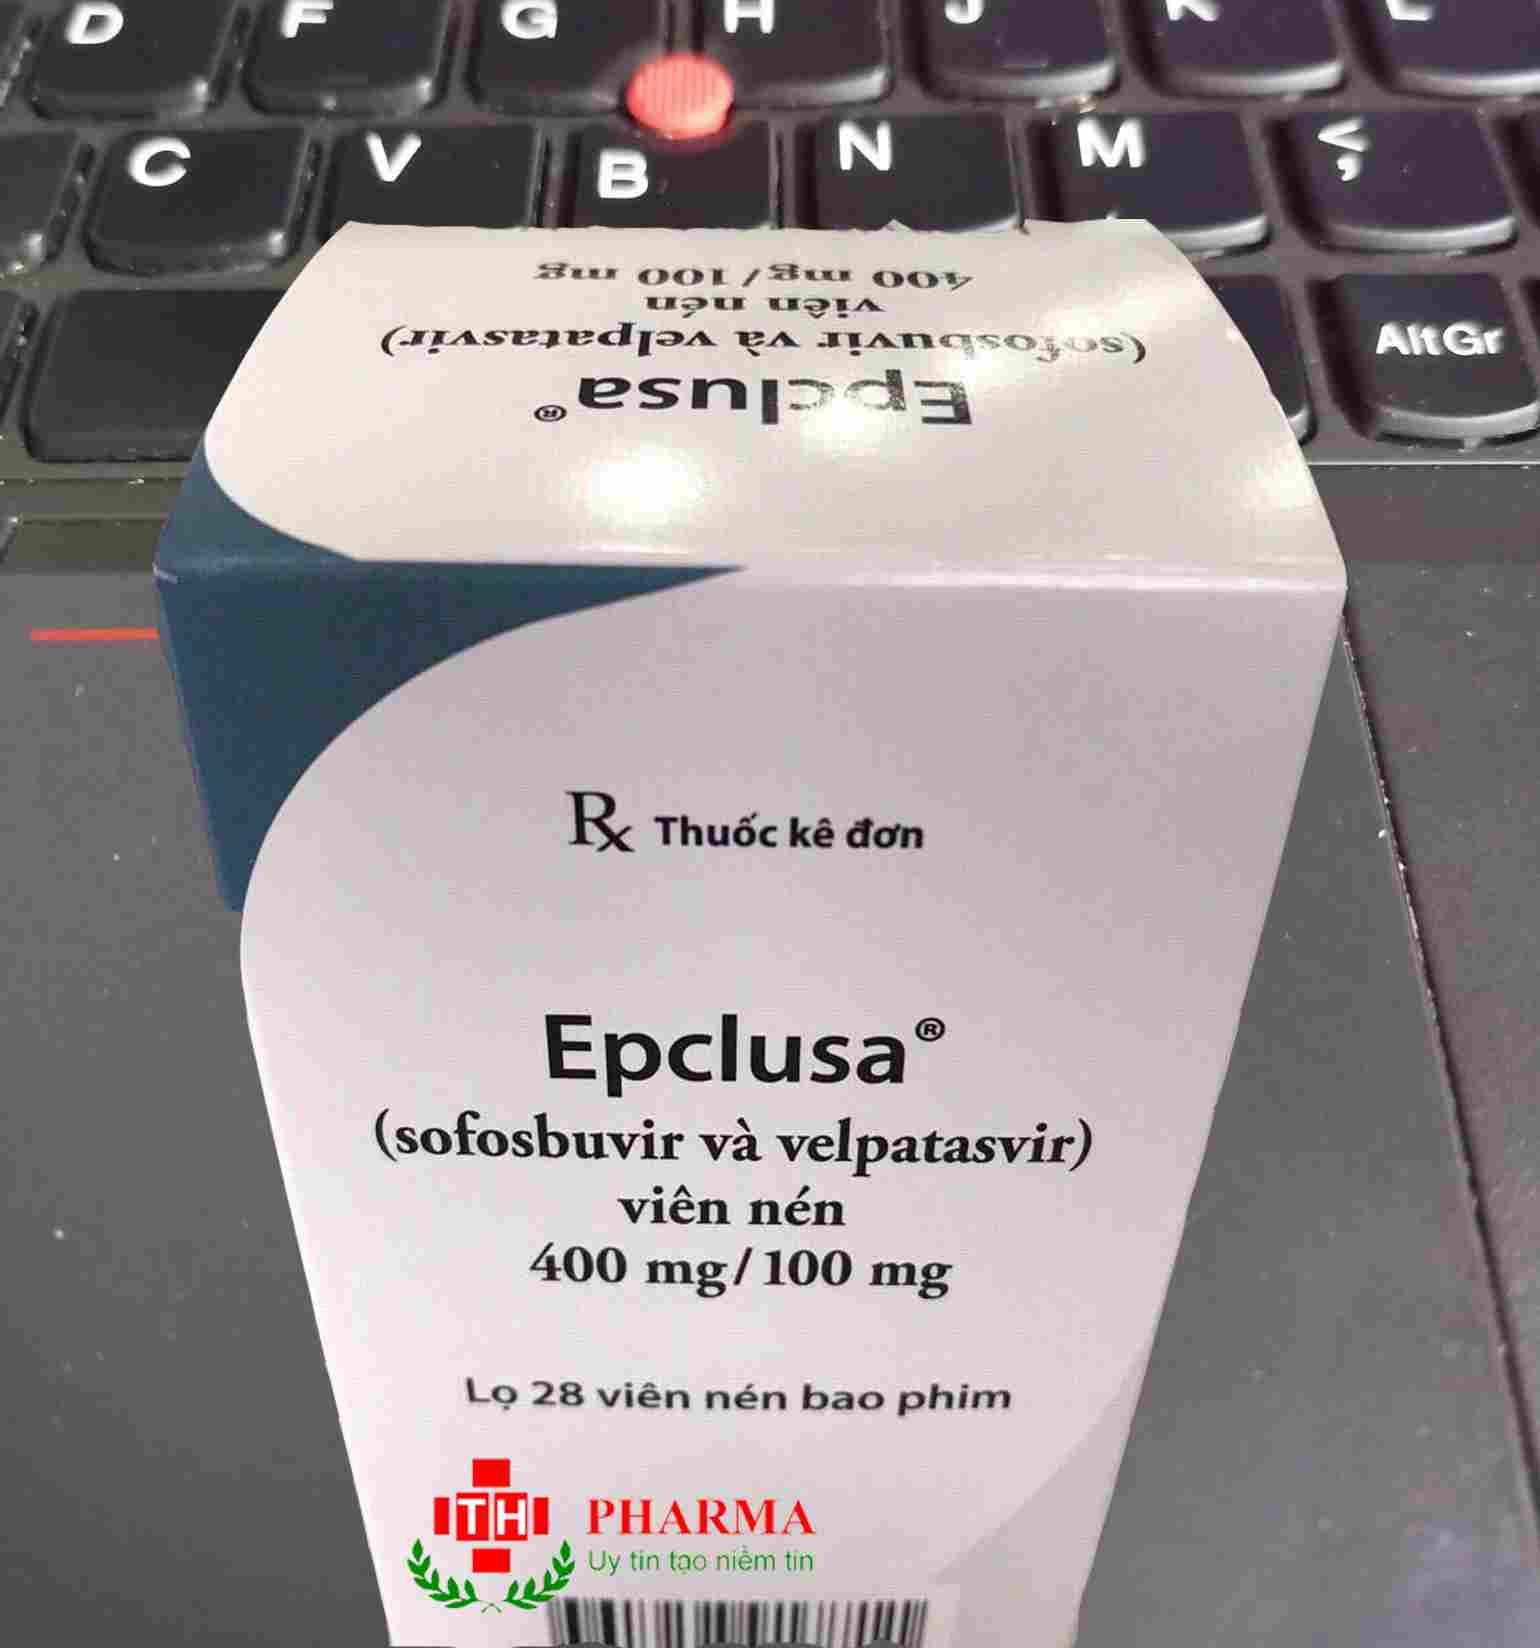 Thuốc Epclusa giá bao nhiêu, mua ở đâu tốt